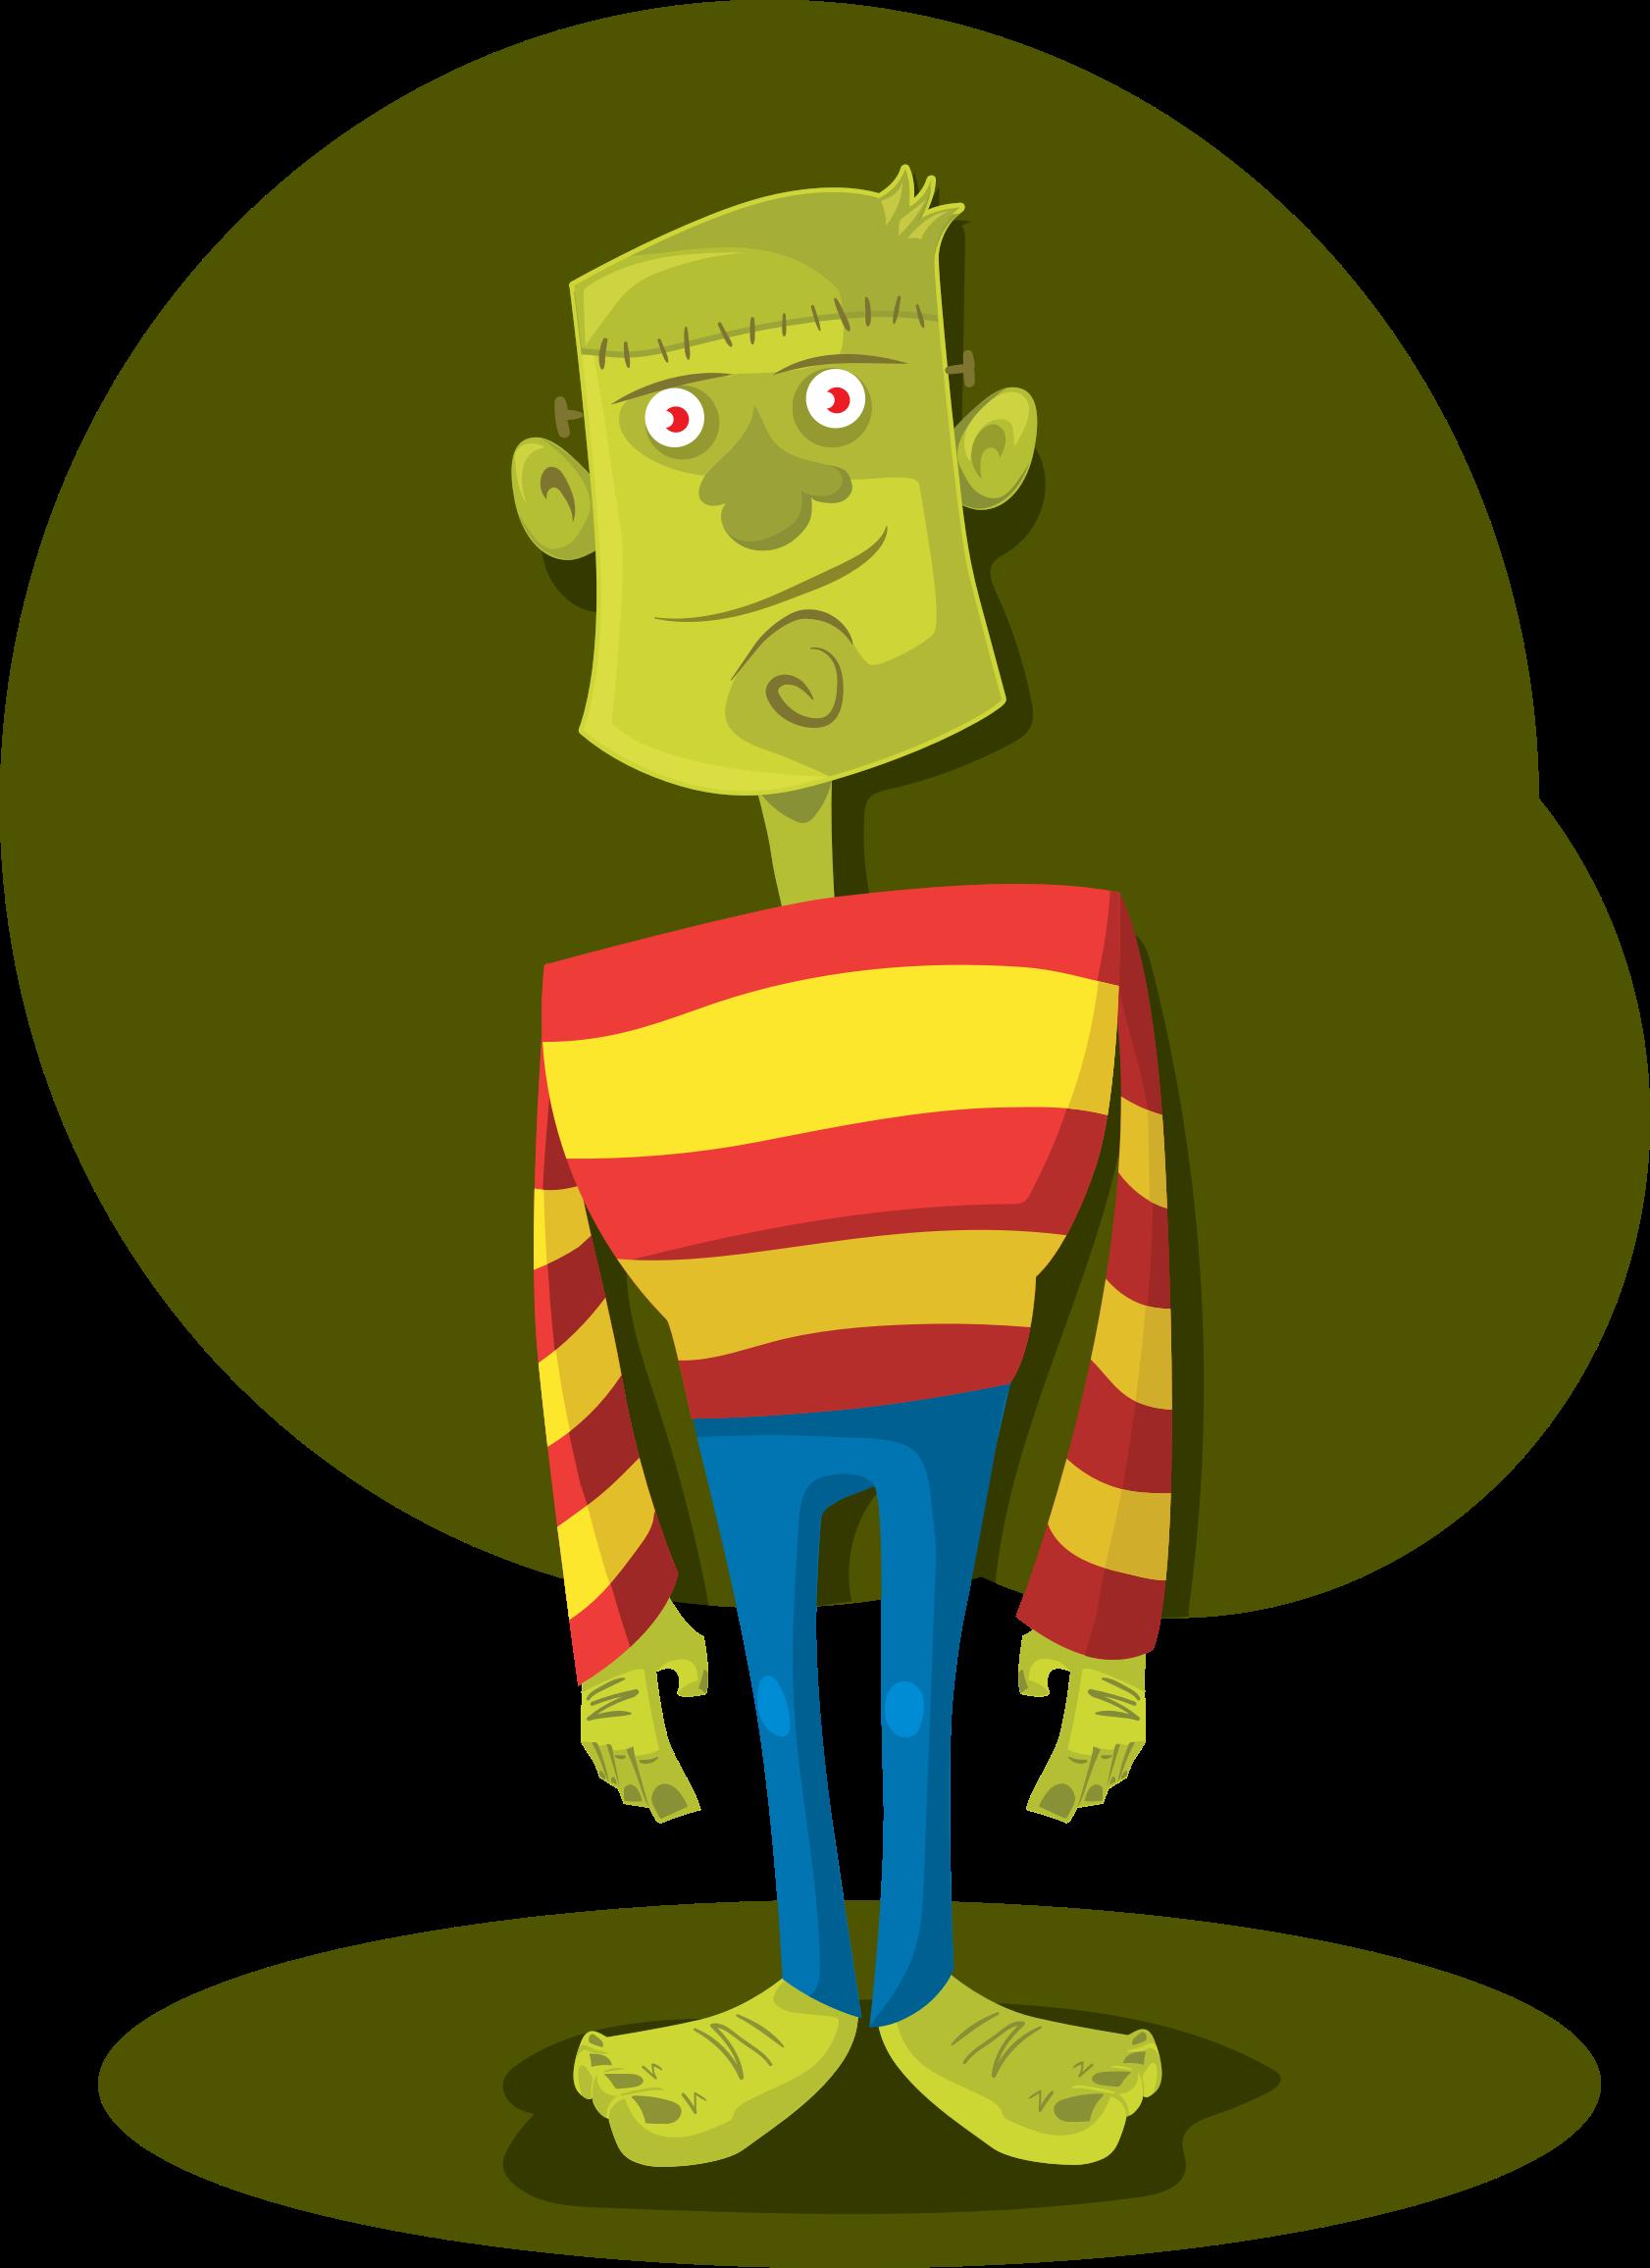 Frankenstein clipart green. Monster big image png